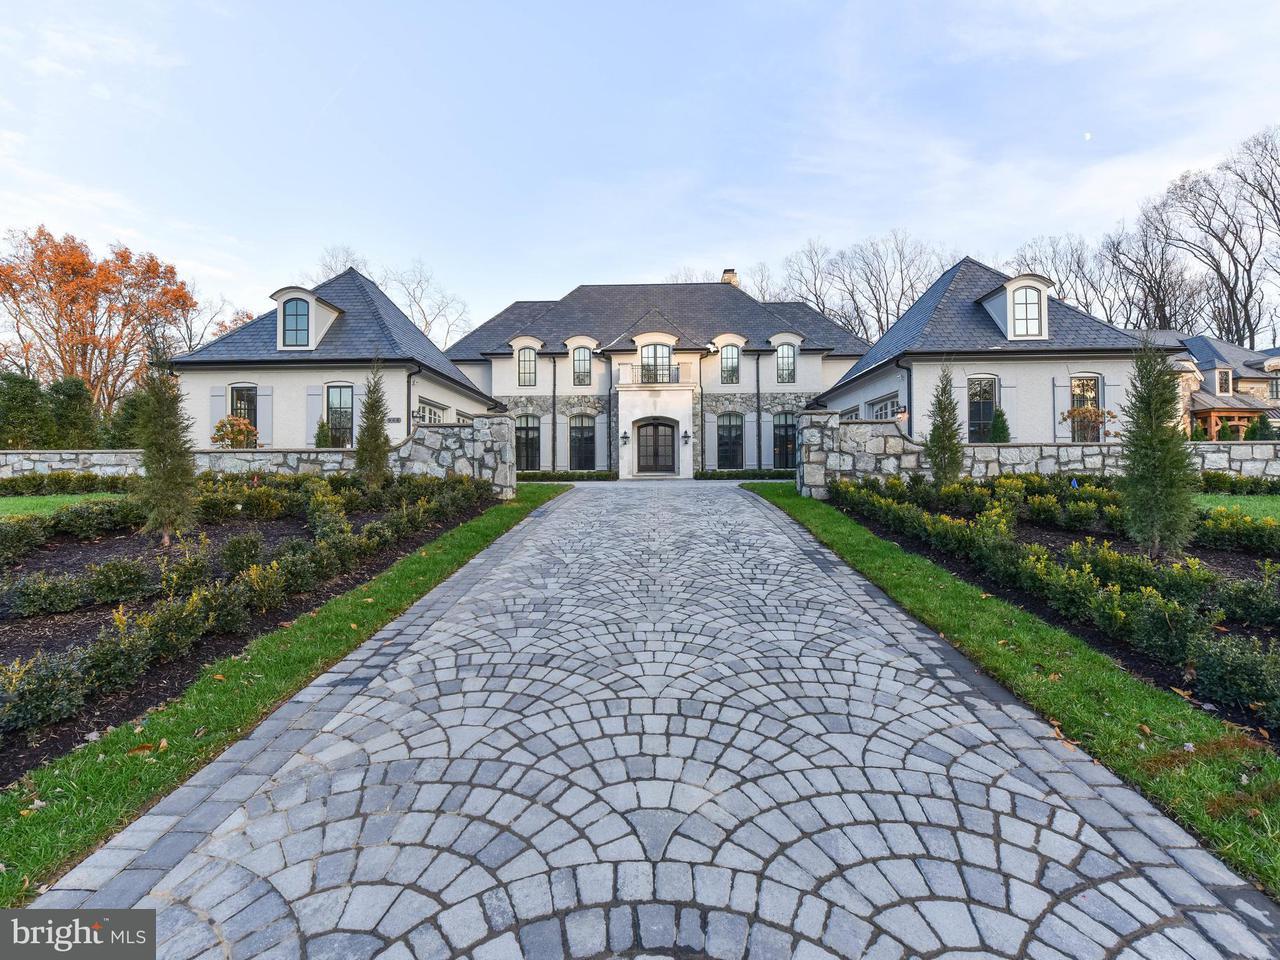 独户住宅 为 销售 在 948 Mackall Farms Lane 948 Mackall Farms Lane 麦克林, 弗吉尼亚州 22101 美国